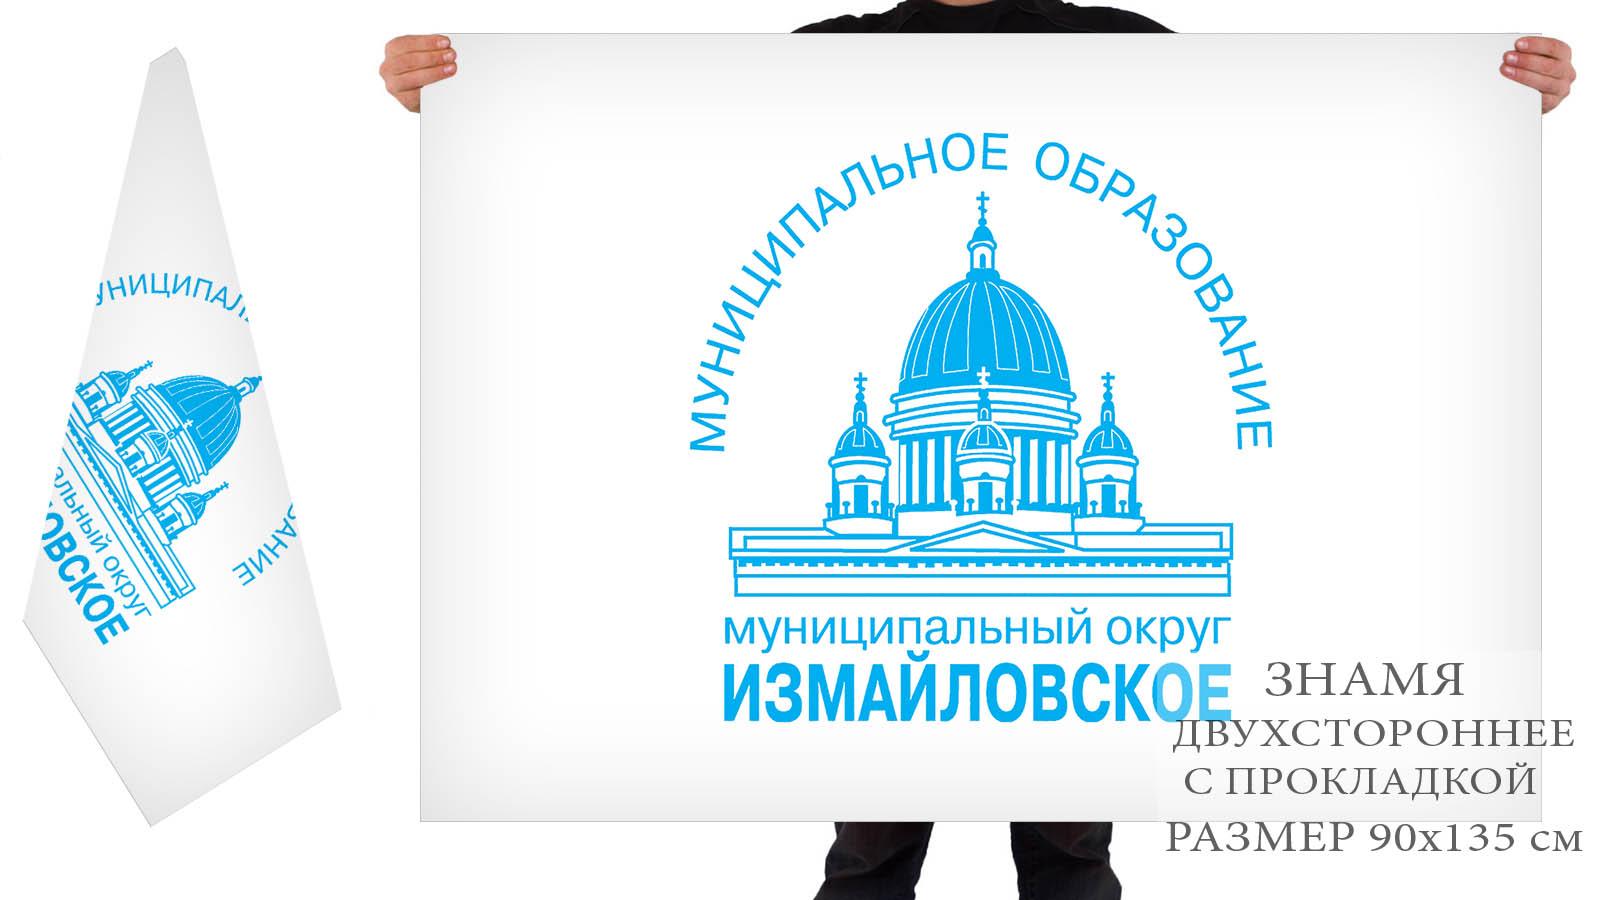 Двусторонний флаг Муниципального образования муниципальный округ Измайловское